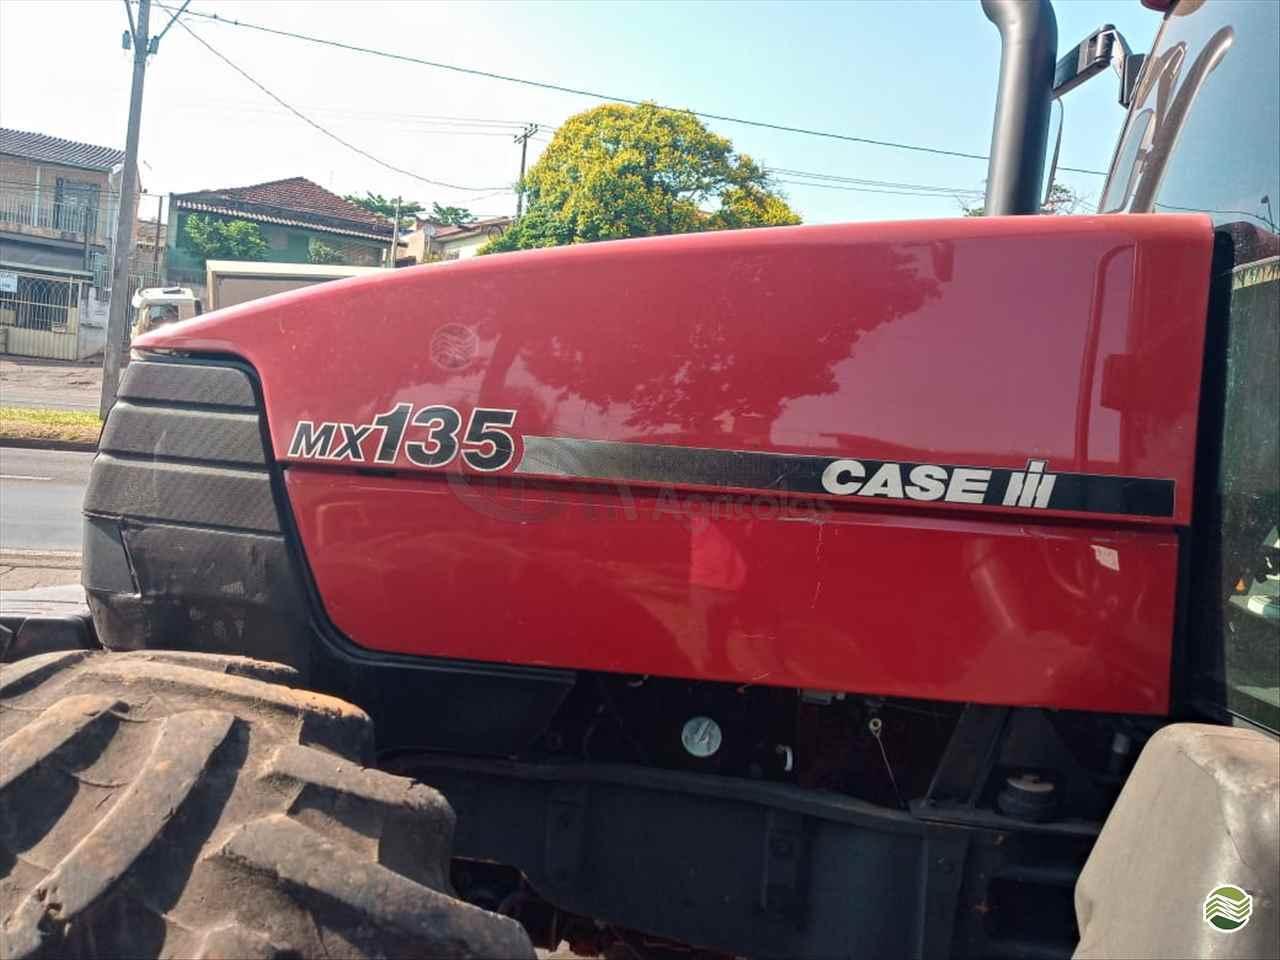 TRATOR CASE CASE MX 135 Tração 4x4 MS Máquinas Agrícolas DOURADOS MATO GROSSO DO SUL MS